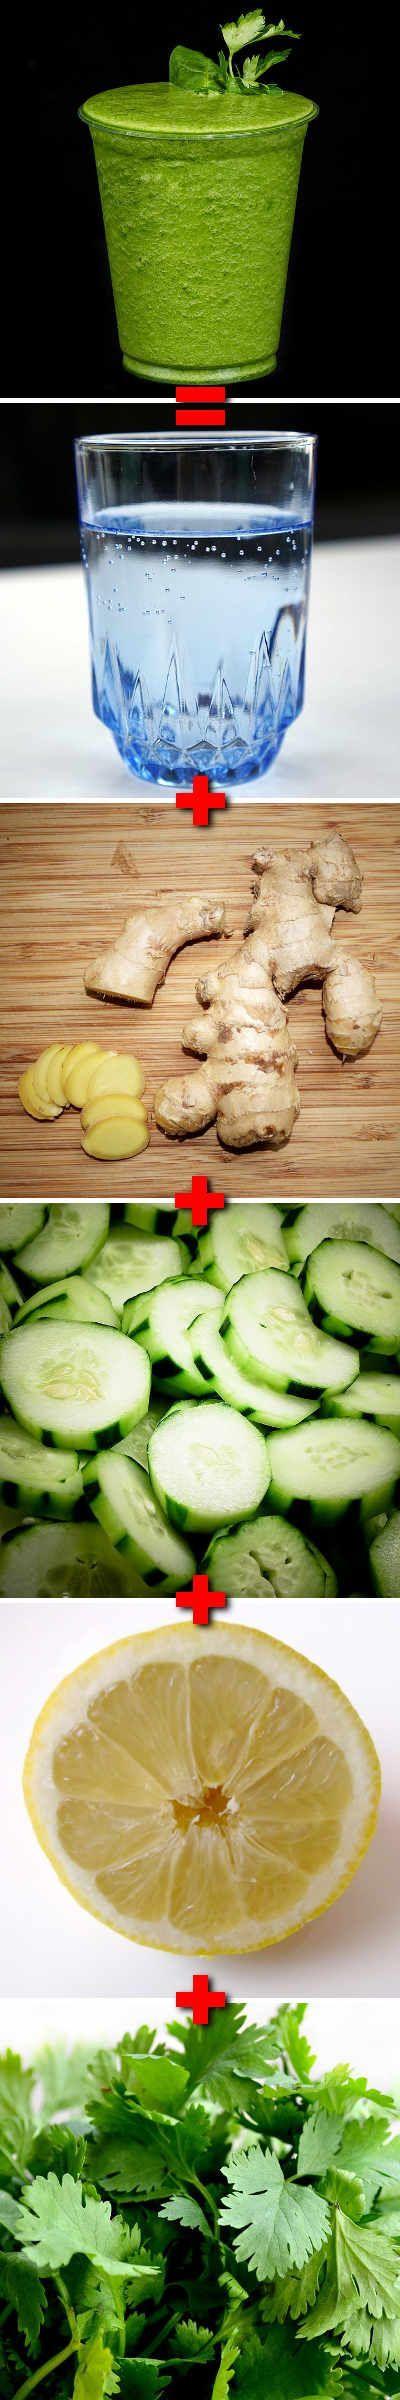 Toma esto antes de irte a la cama y elimina la grasa del estomago como l